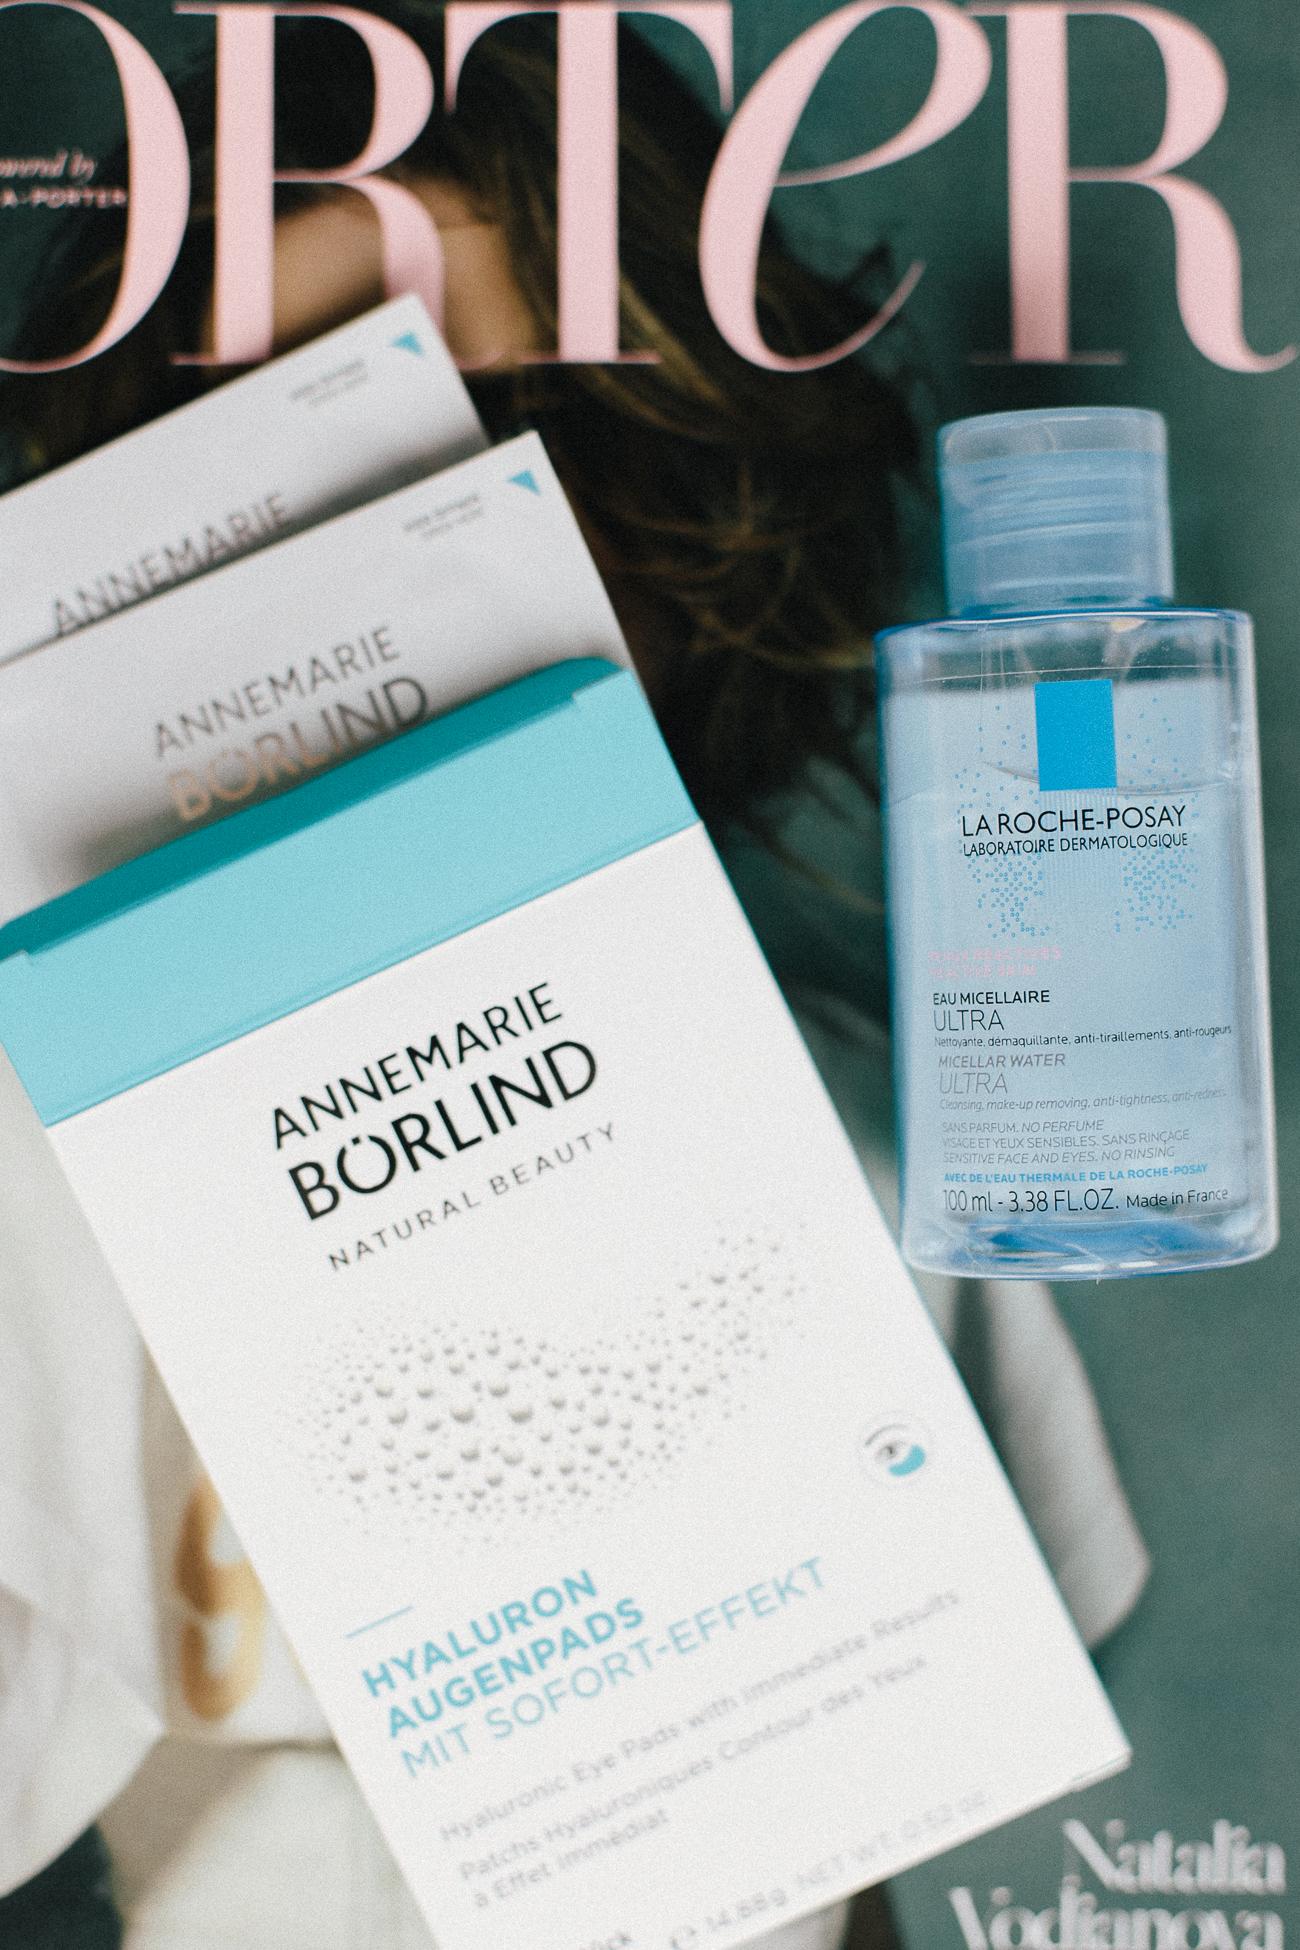 In-Flight Beauty Essentials: Annemarie Börlind Augenpads + Micellar Water | Bikinis & Passports